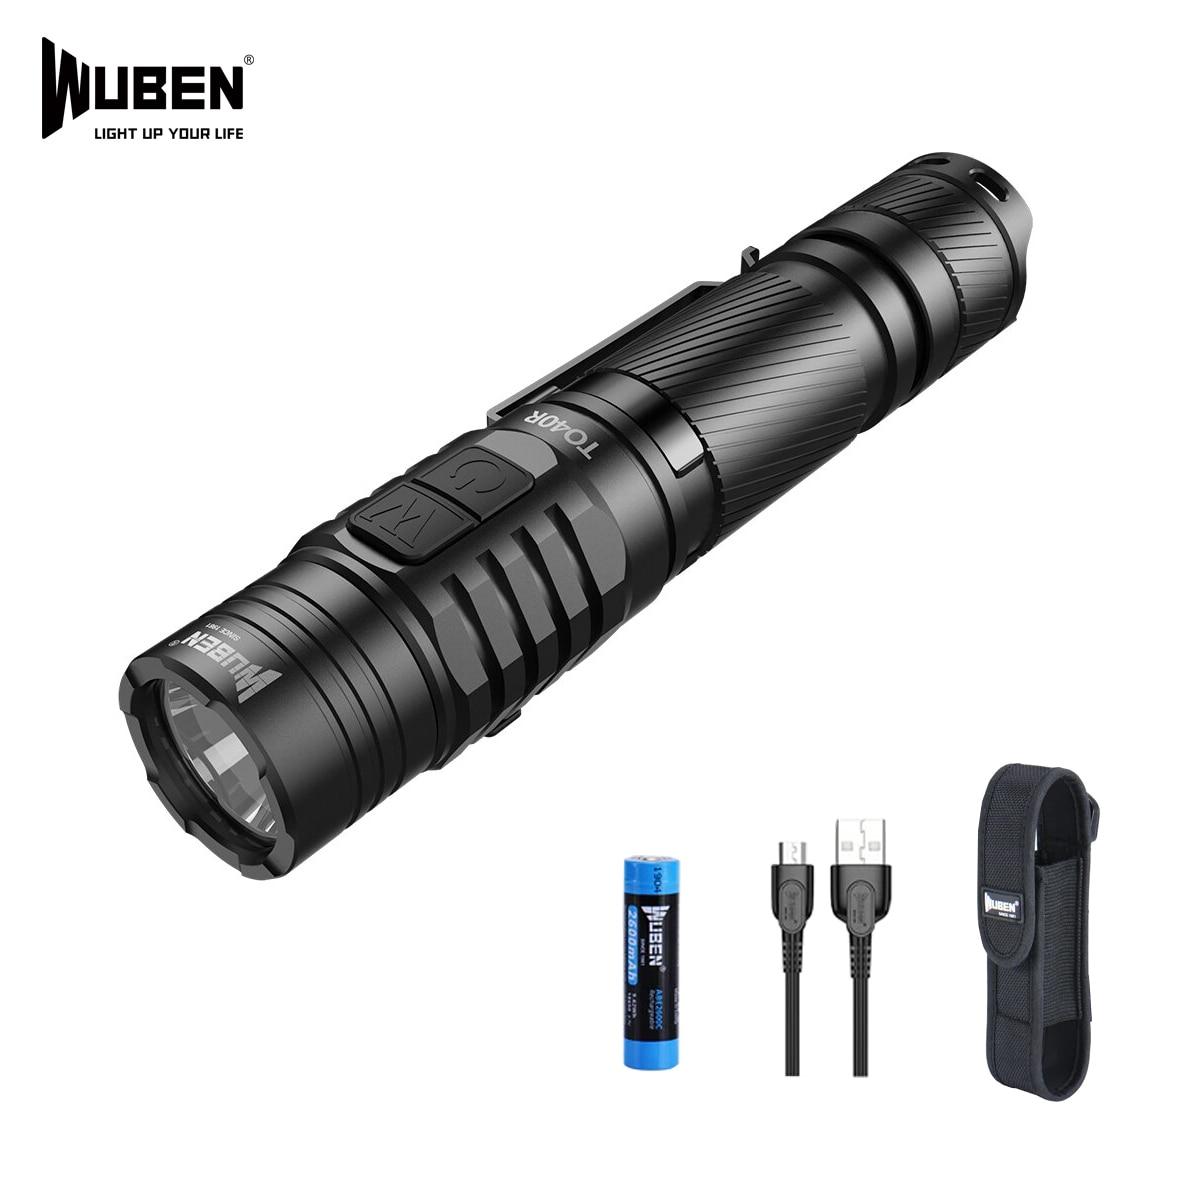 wuben to40r tatico lanterna led 1200 lumens 720 ft distancia maxima do feixe 18650